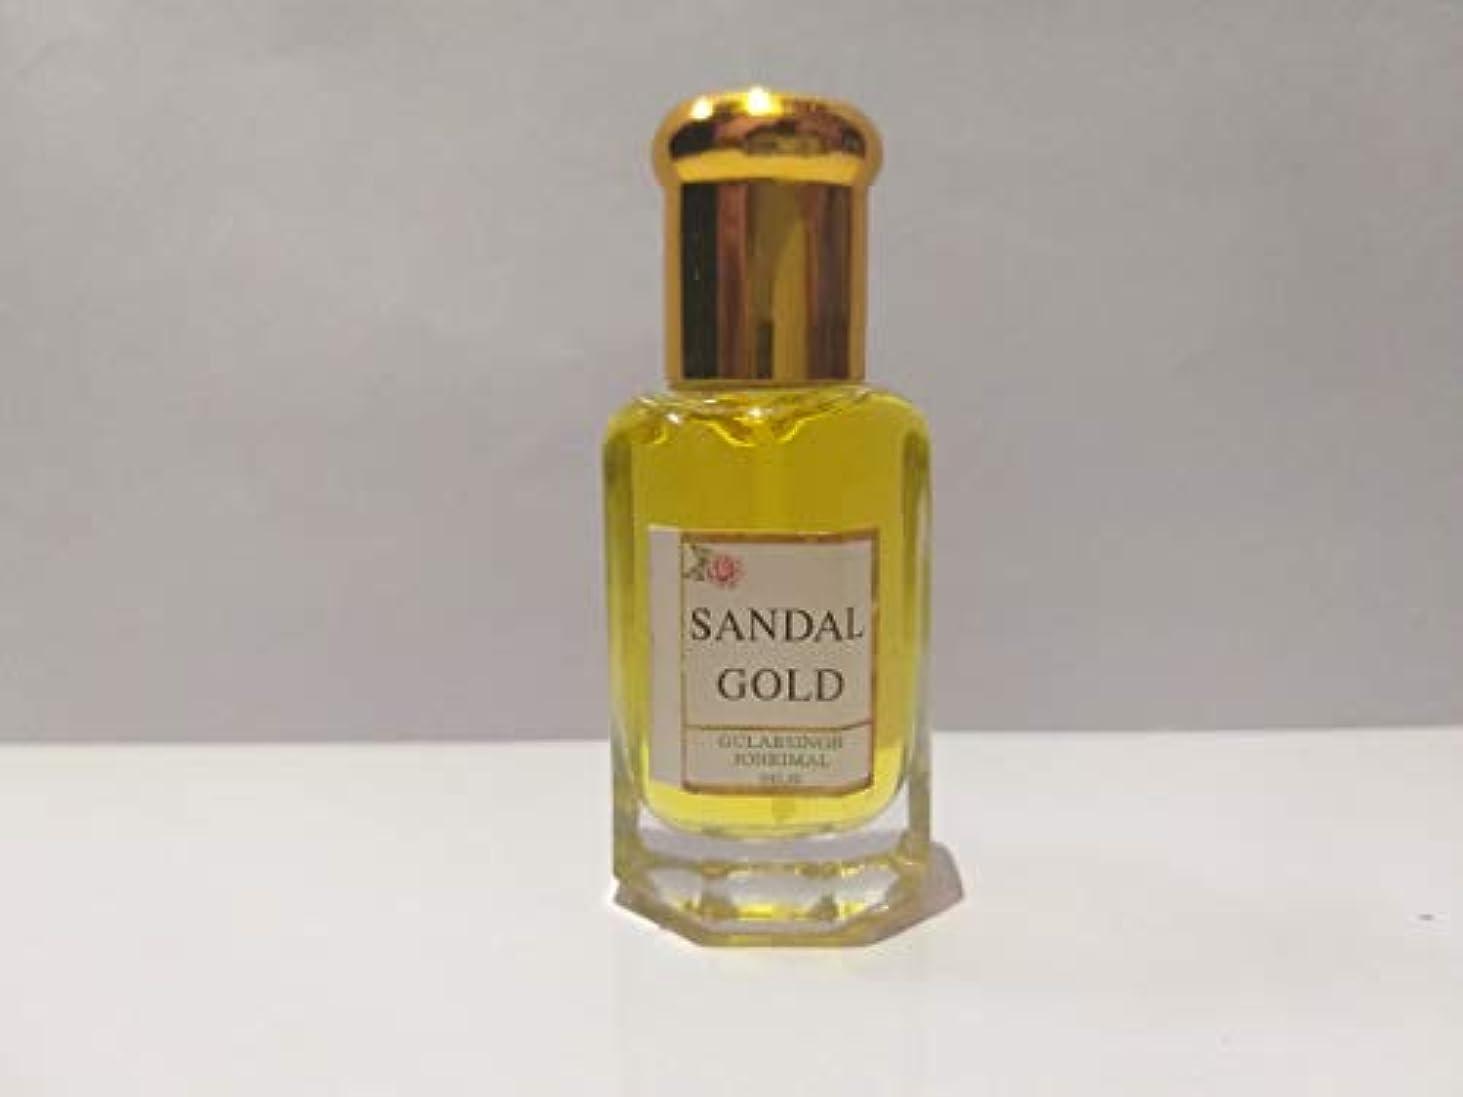 謙虚国旗湾Sandal/白檀 / Chandan Attar/Ittar concentrated Perfume Oil - 10ml Beautiful Aroma